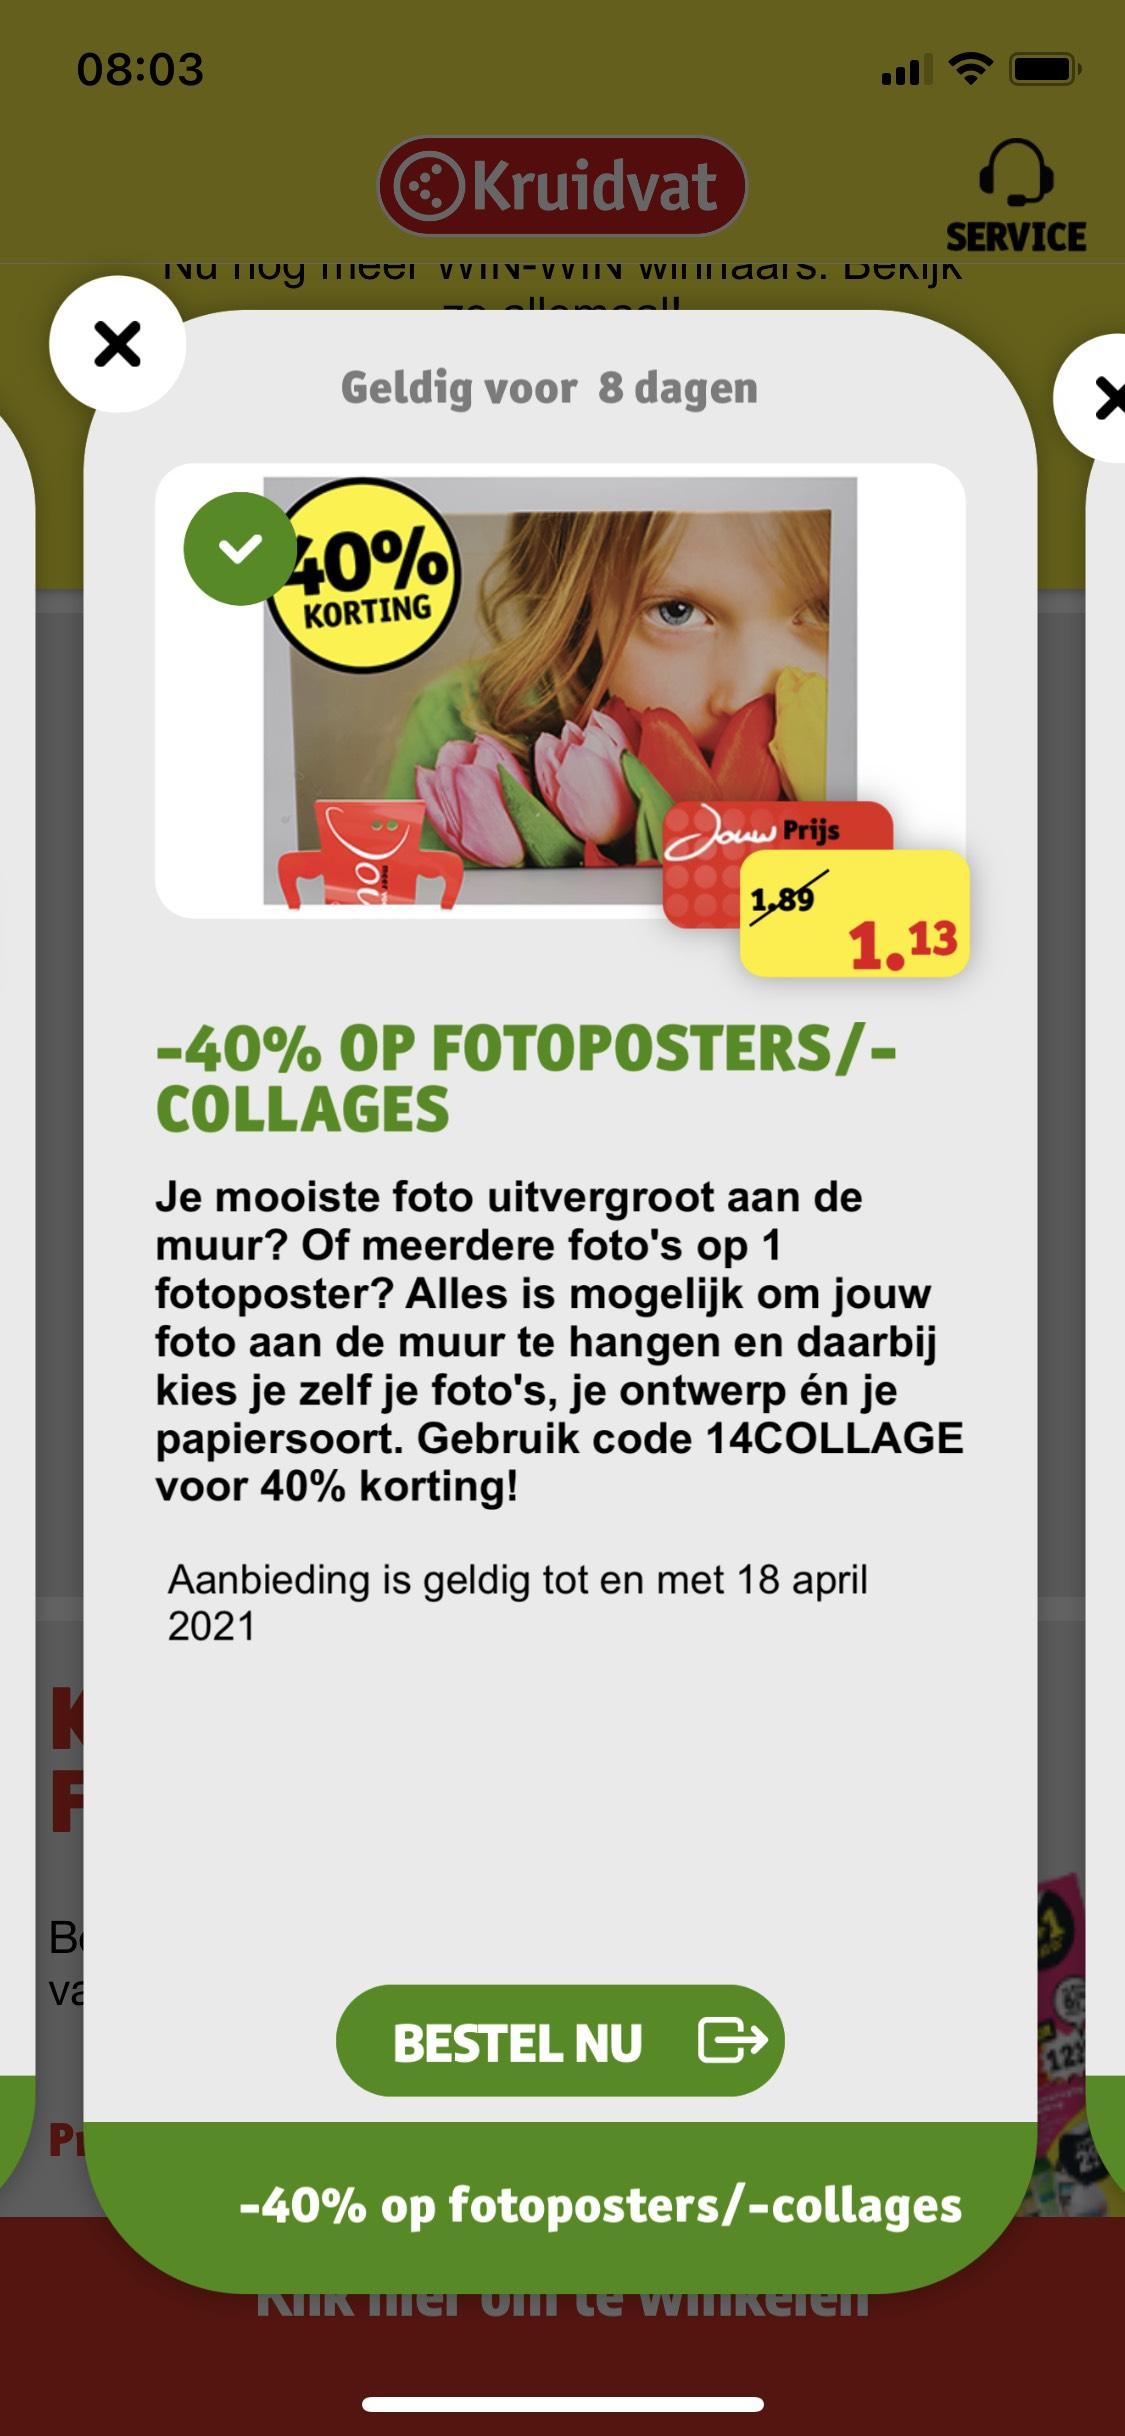 Foto op poster en fotocollage met 40% korting